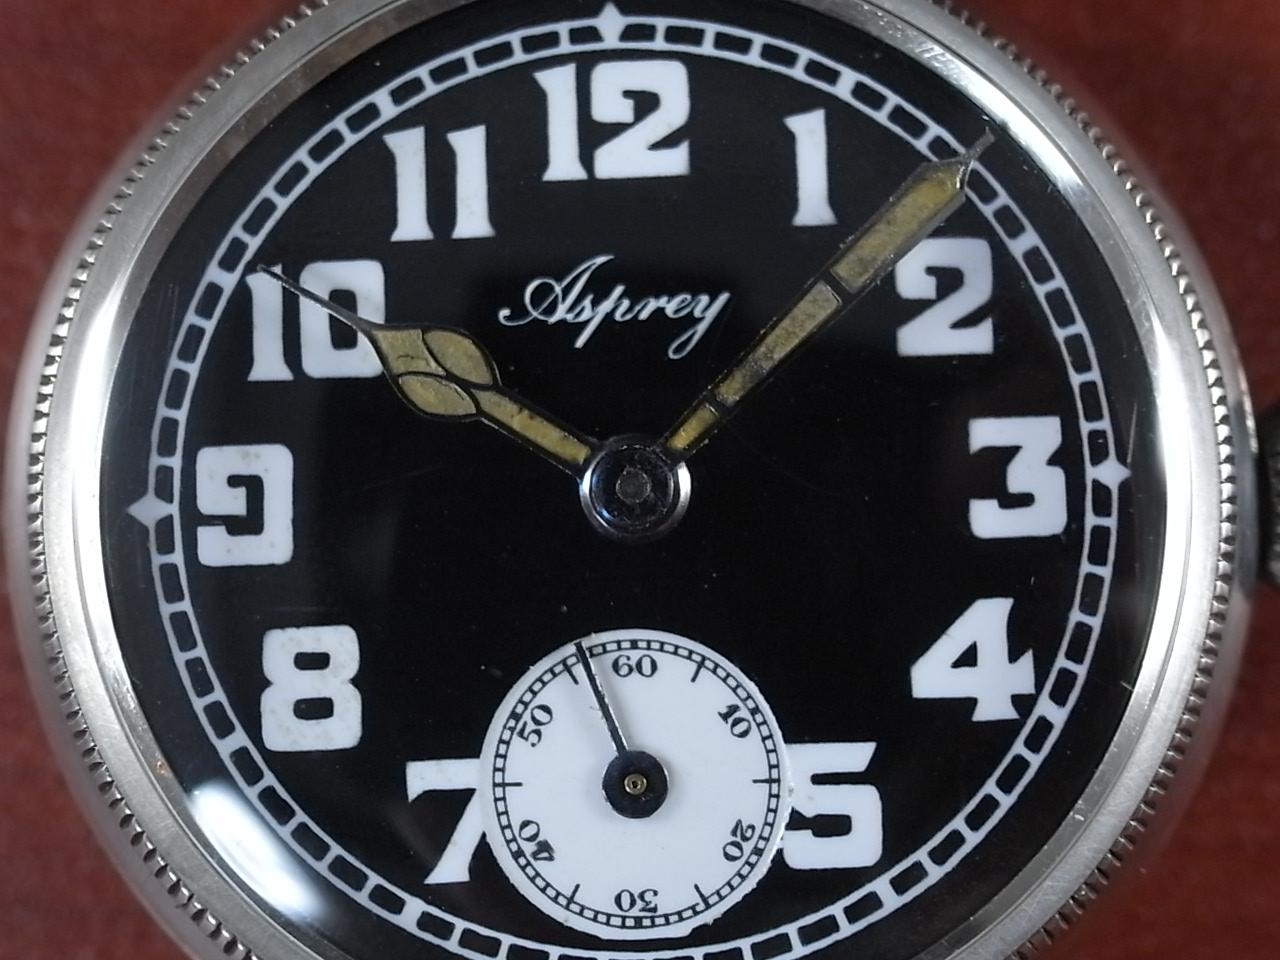 アスプレイ シルバー ブラックポーセリンの写真2枚目